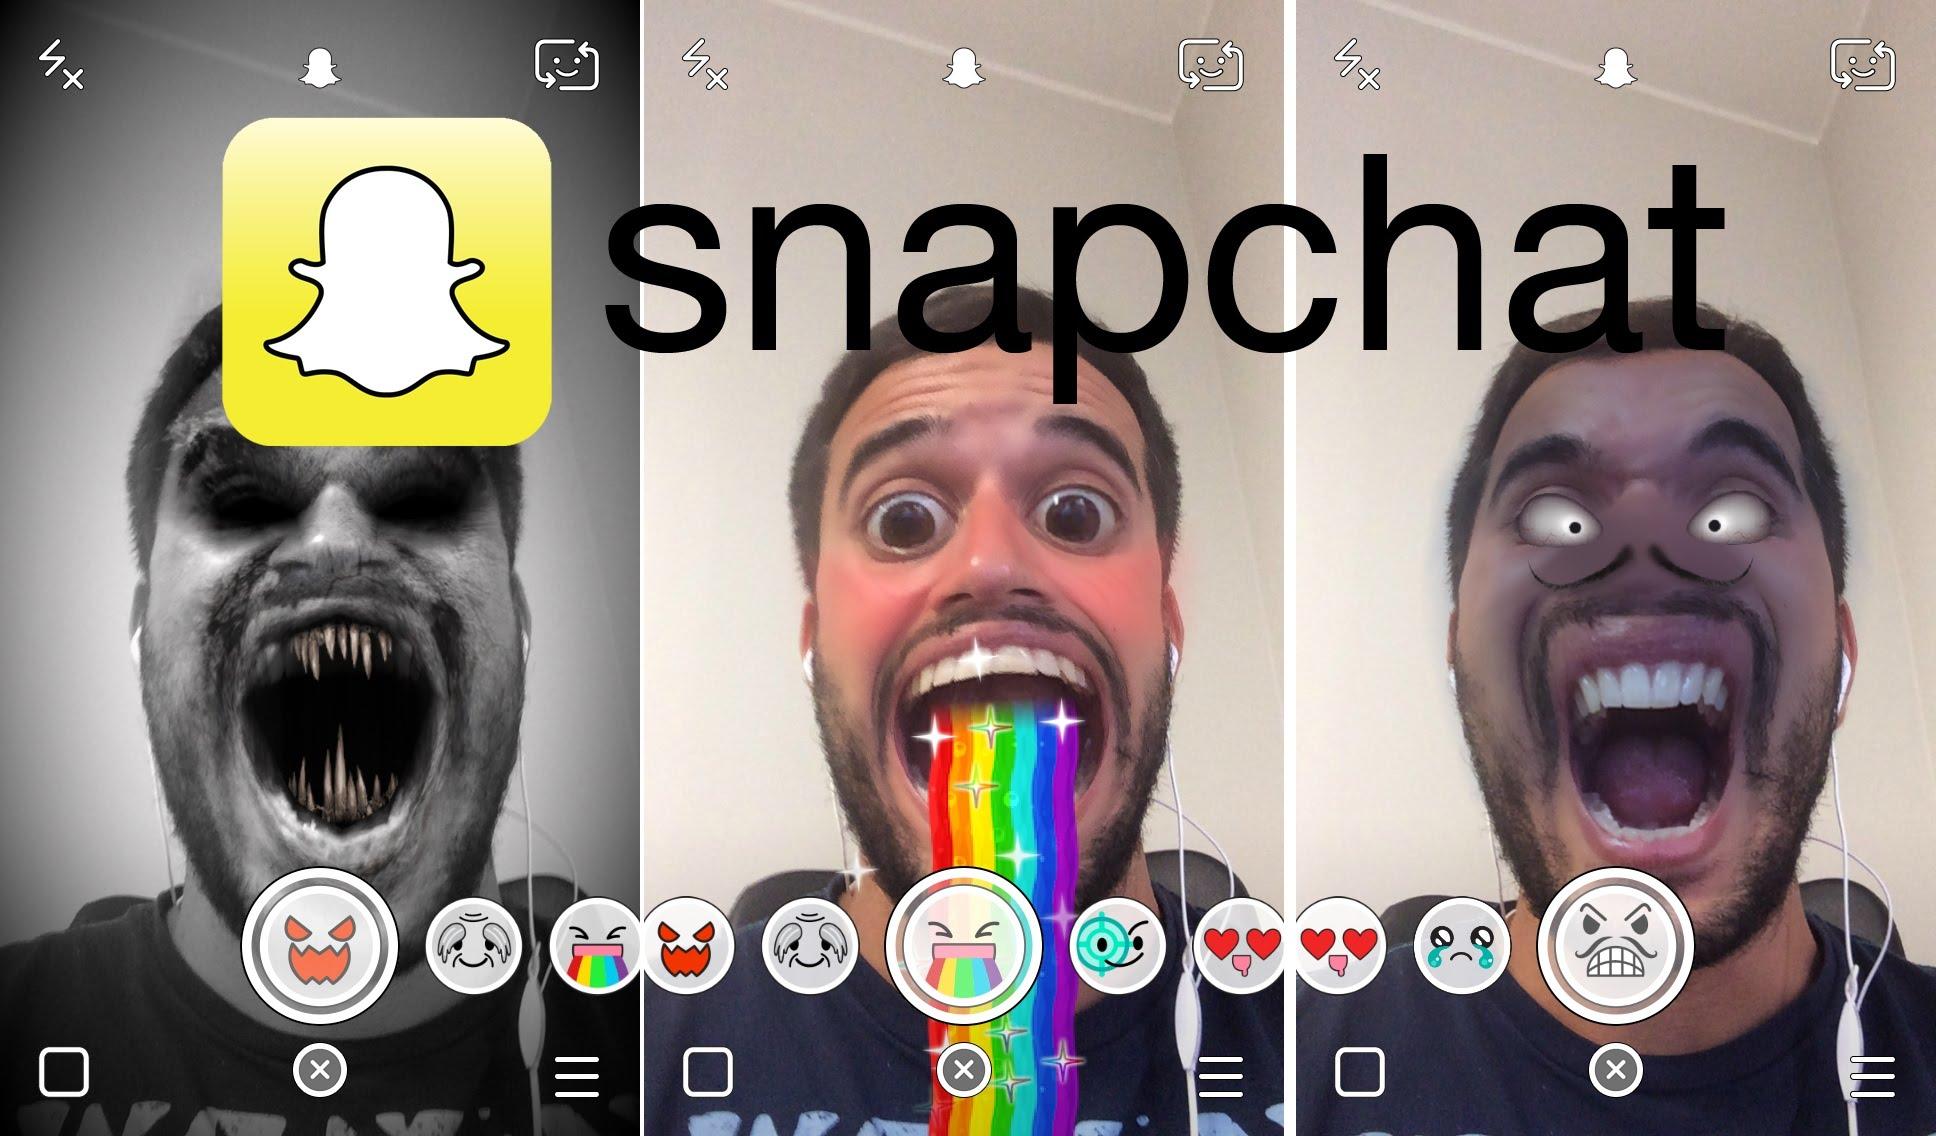 Imparare a usare le nuove funzionalità di Snapchat [Come usare Snapchat] 1